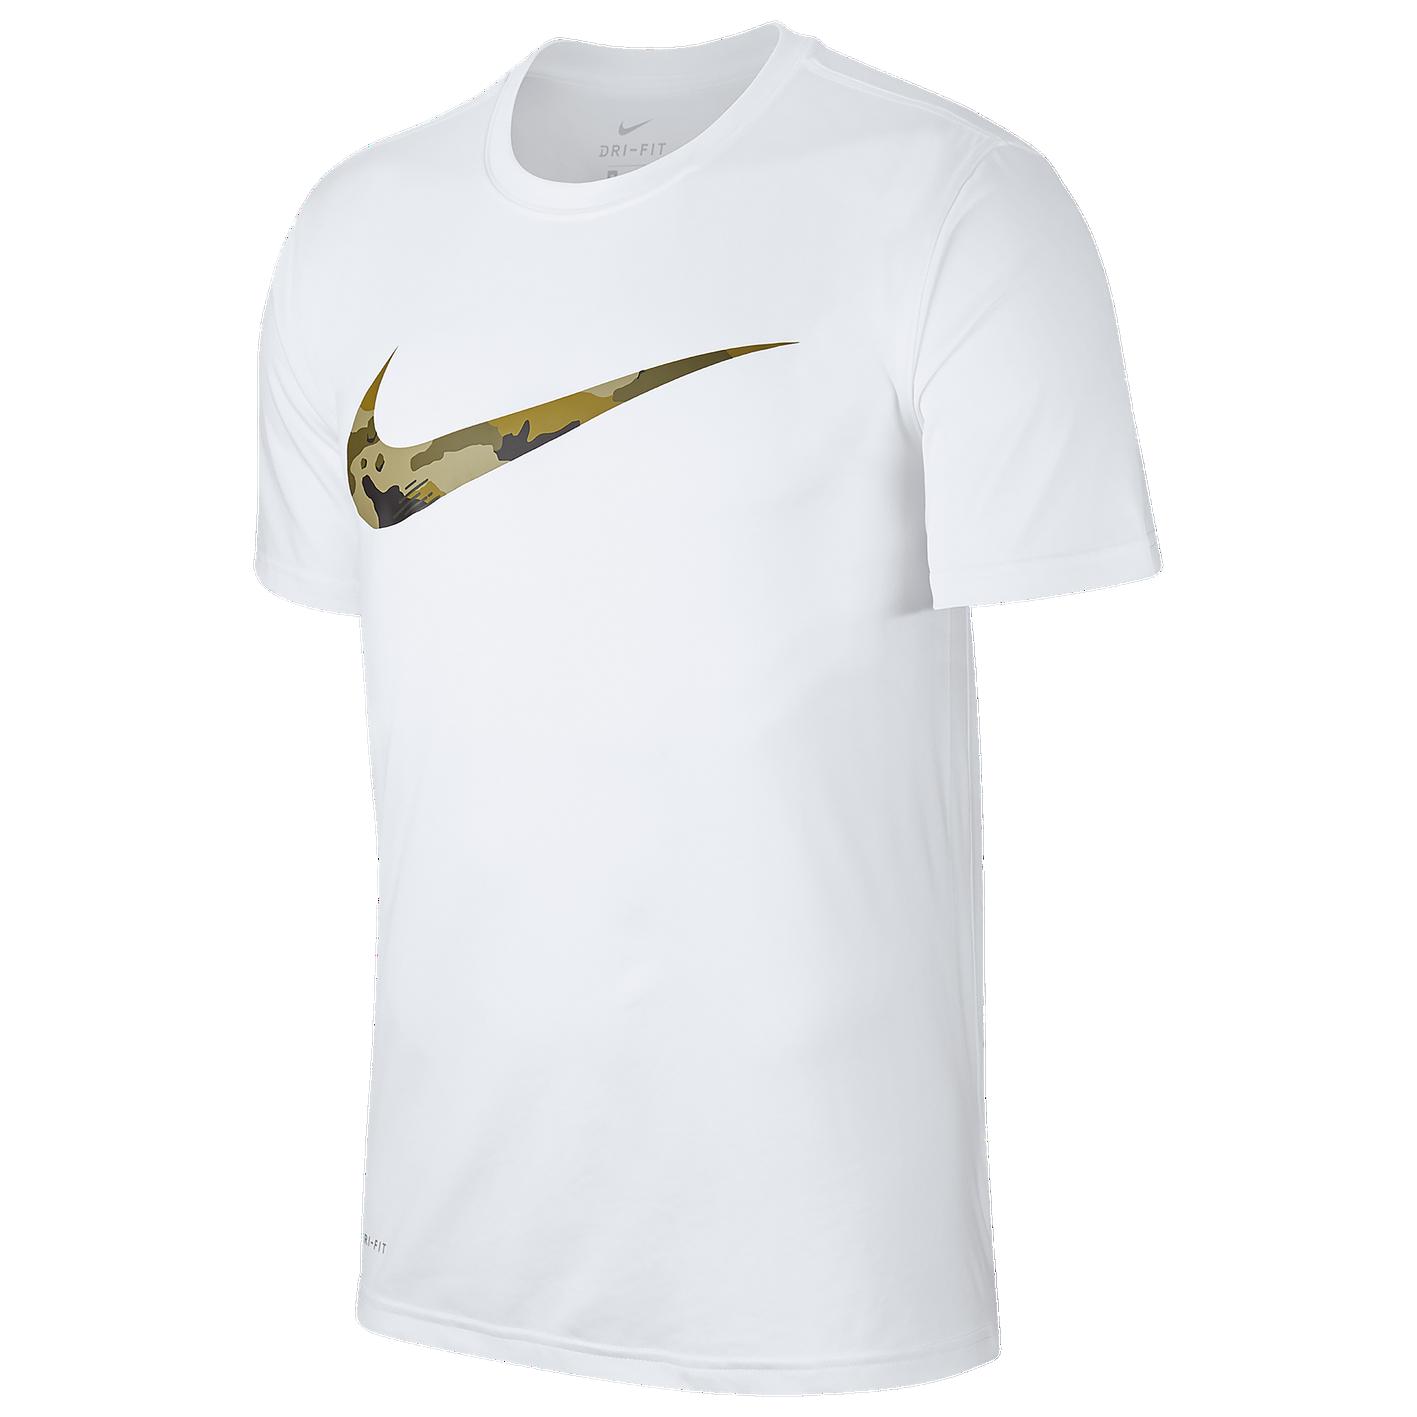 aa160df90 Nike Legend S/S Camo Swoosh T-Shirt - Men's - Training - Clothing ...